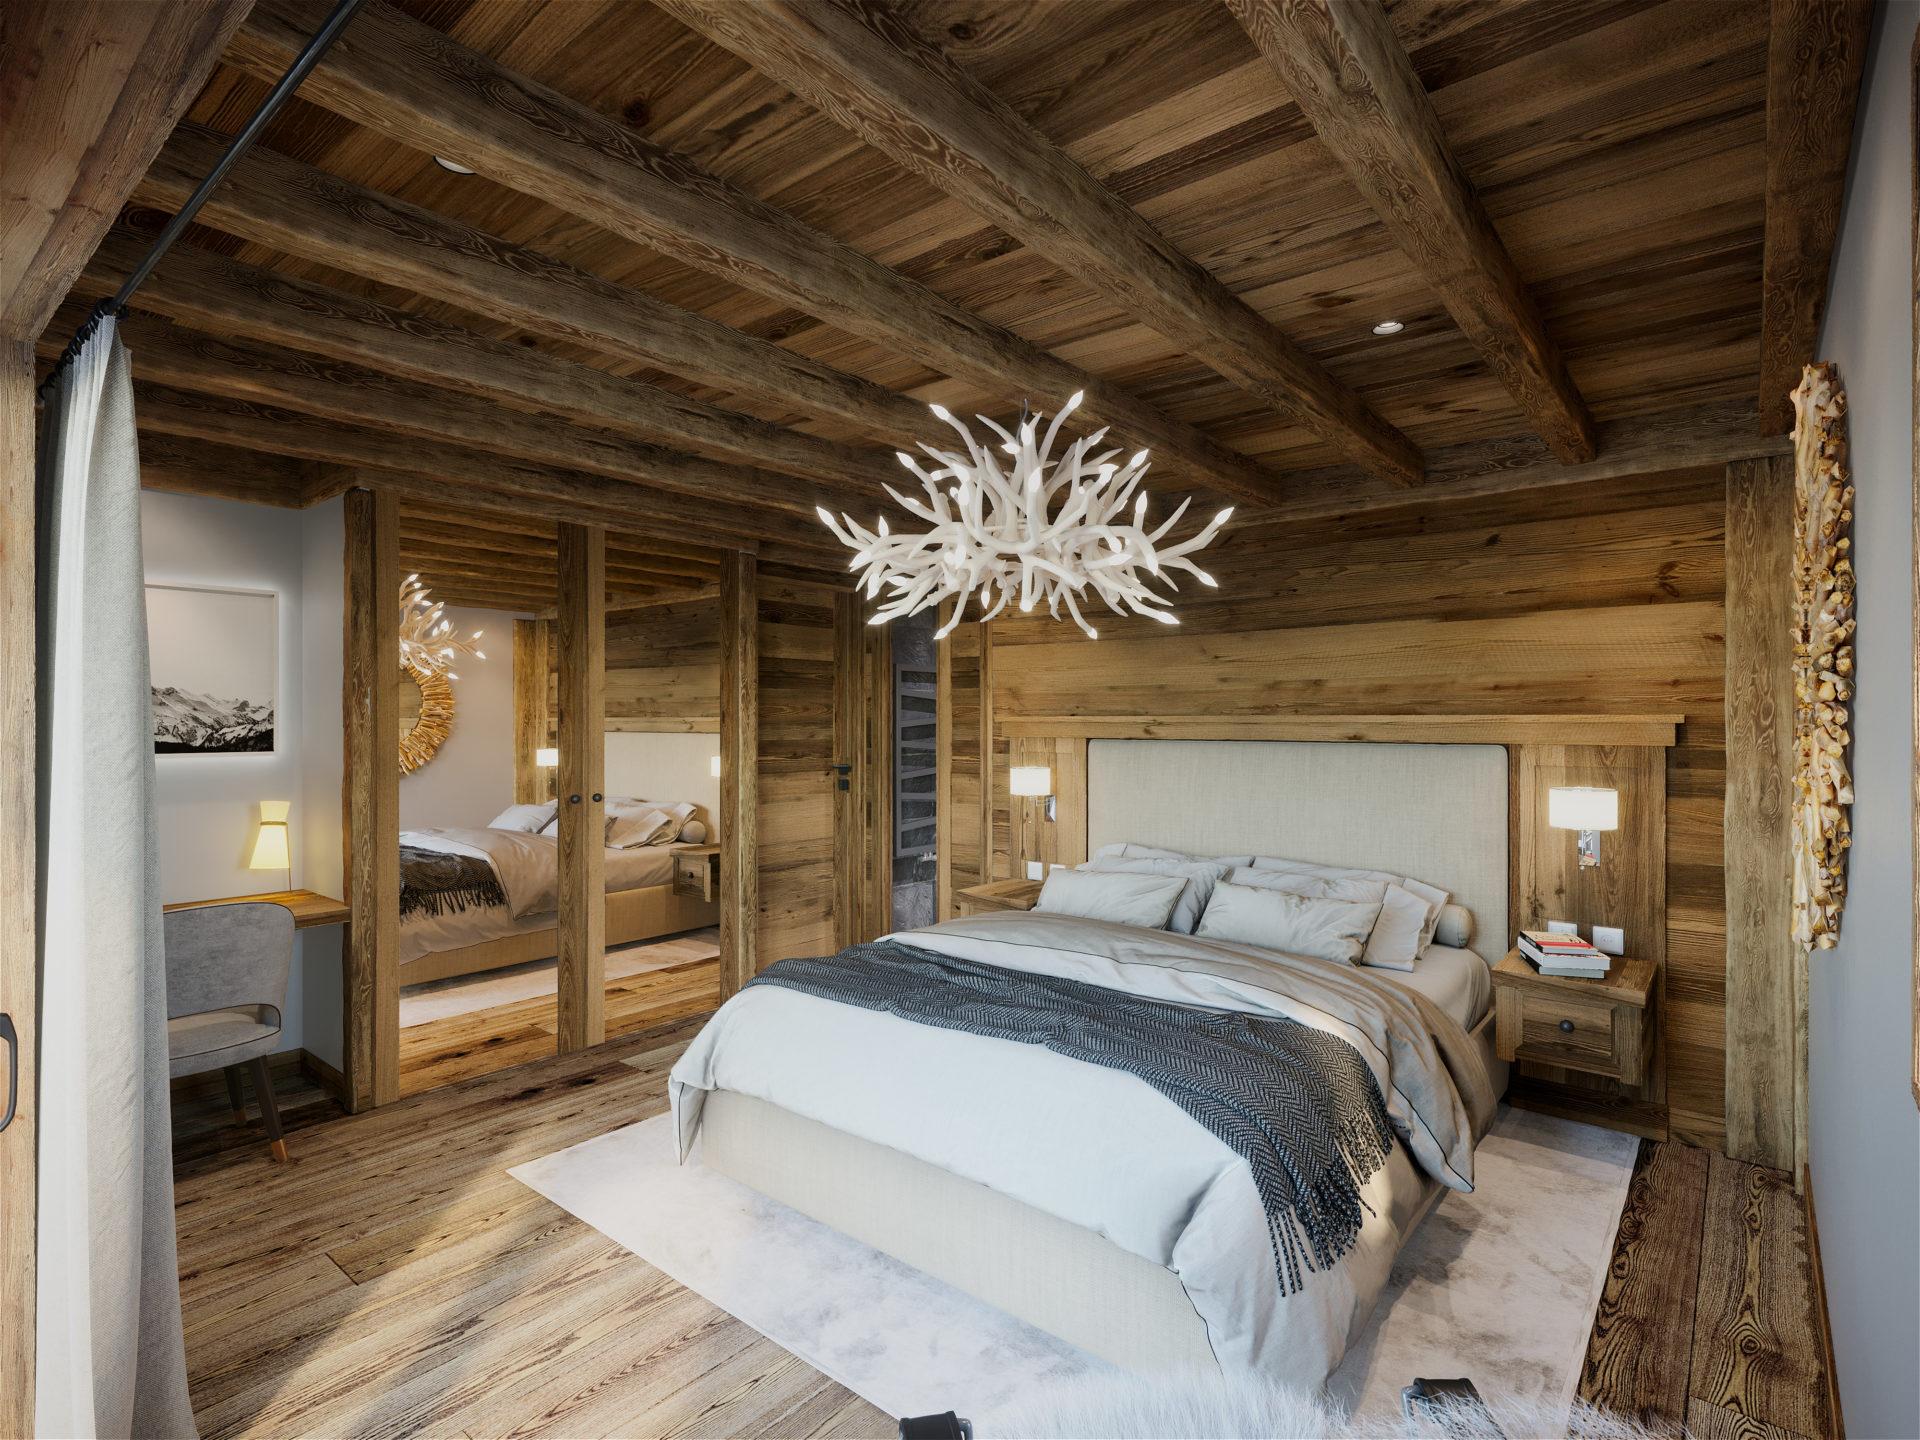 Les Chalets de la Combe Chalet 3 Chambre - Saint Martin de Belleville Savoie France